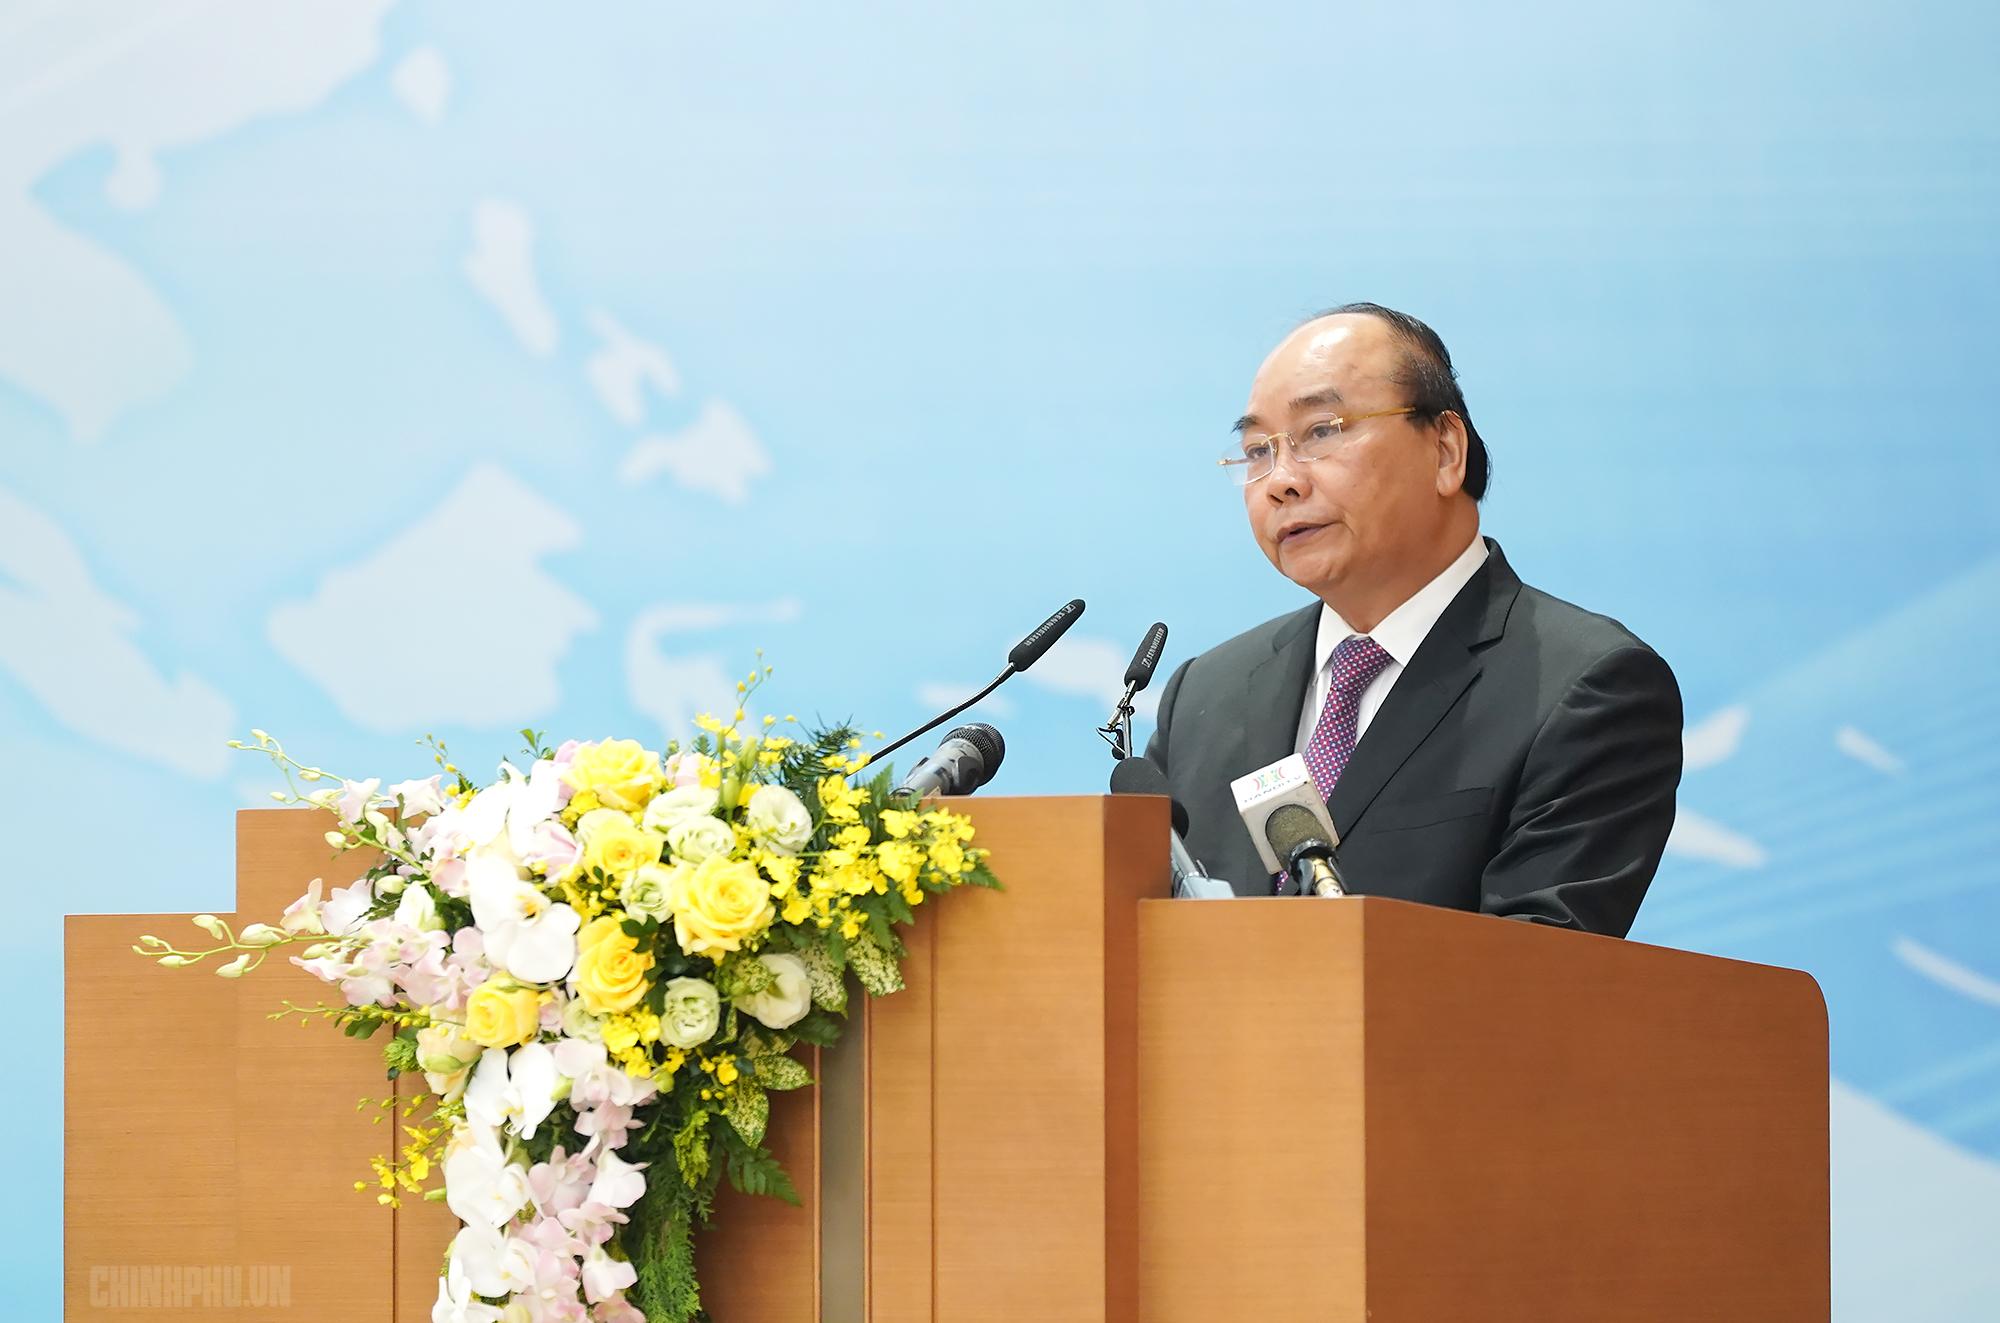 Thủ tướng chỉ ra 3 phương châm, 6 nhiệm vụ, giải pháp về hội nhập quốc tế